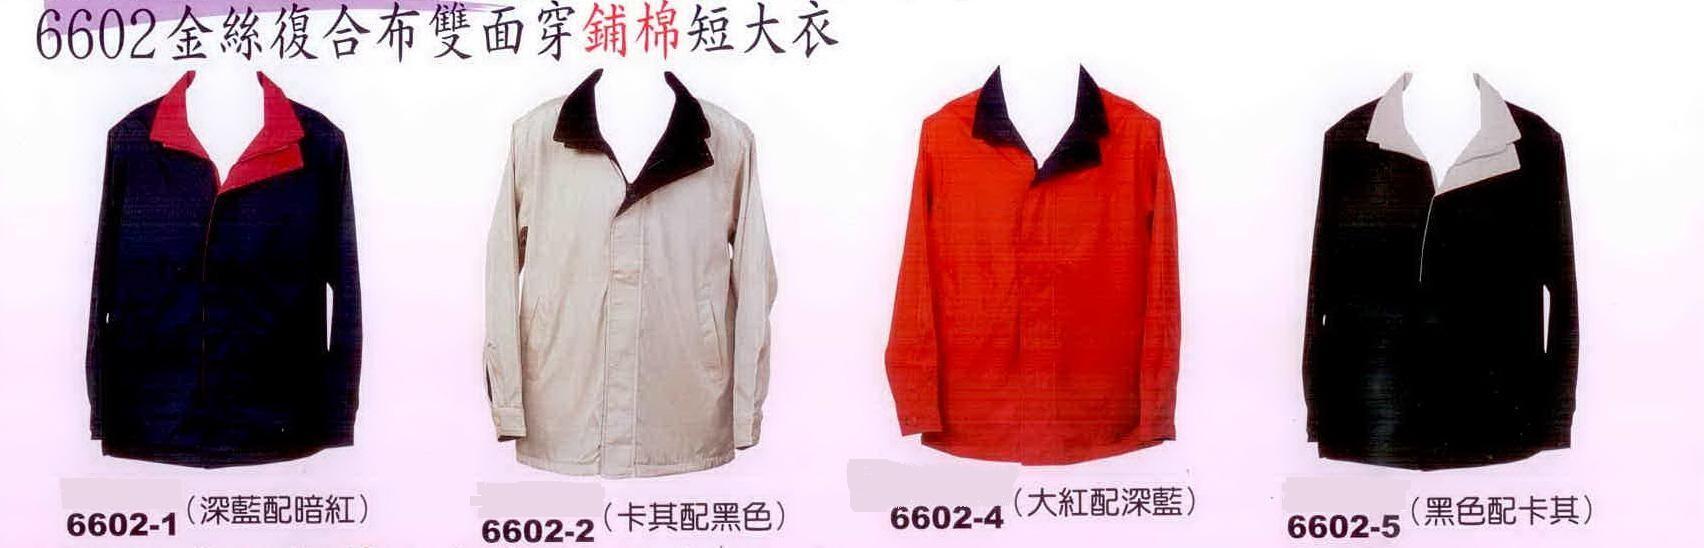 雙面穿鋪棉短大衣:深藍/暗紅6602-1、卡其/黑色6602-2、大紅/深藍6602-4 、黑色/卡其6602-5